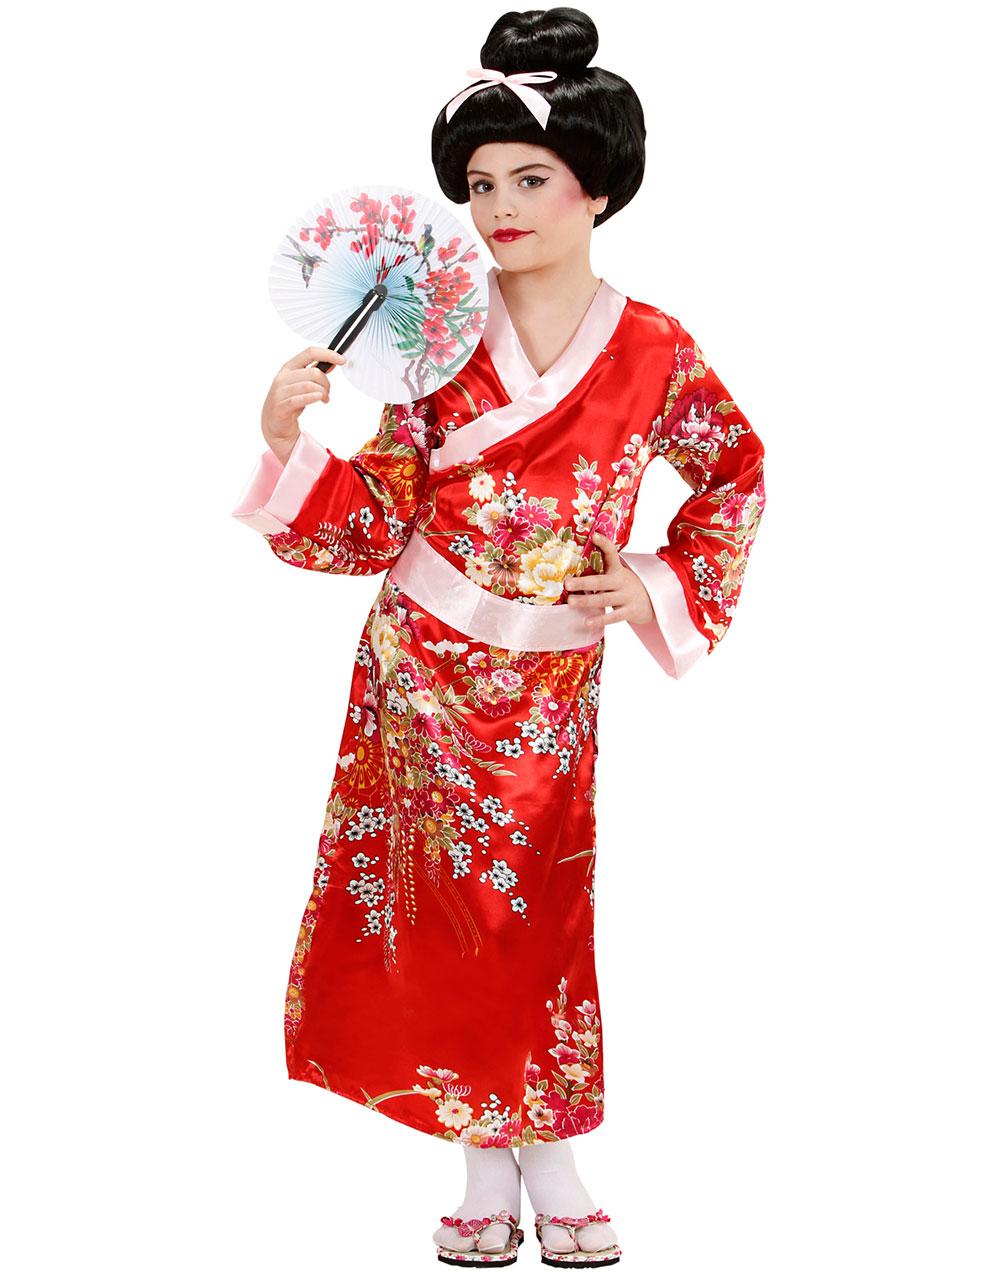 Rød Geisha Kostymekjole Til Barn